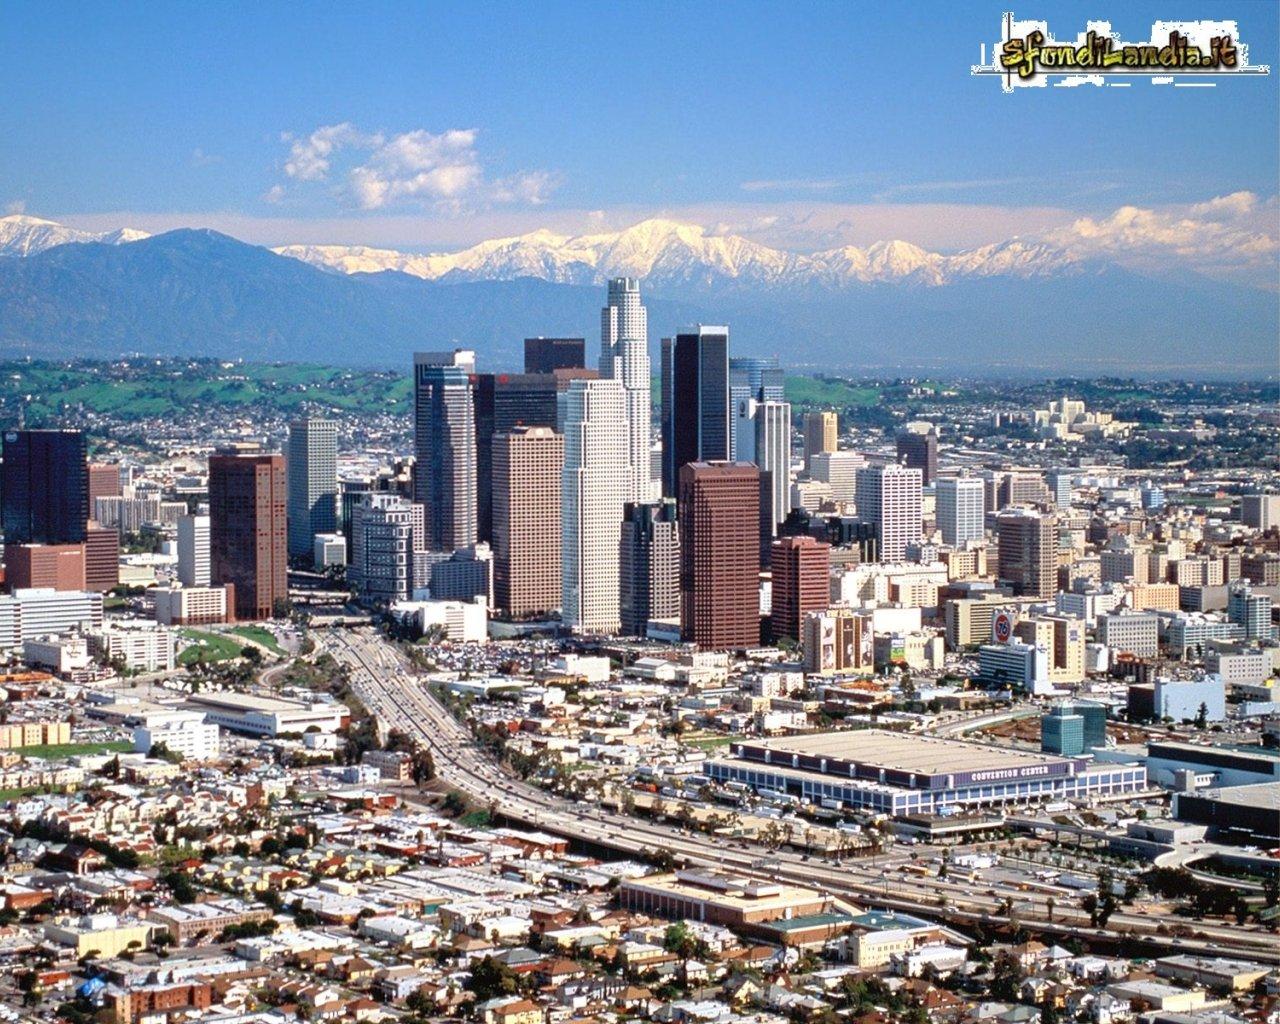 Sfondilandiait Sfondo Gratis Di Los Angeles Per Desktop